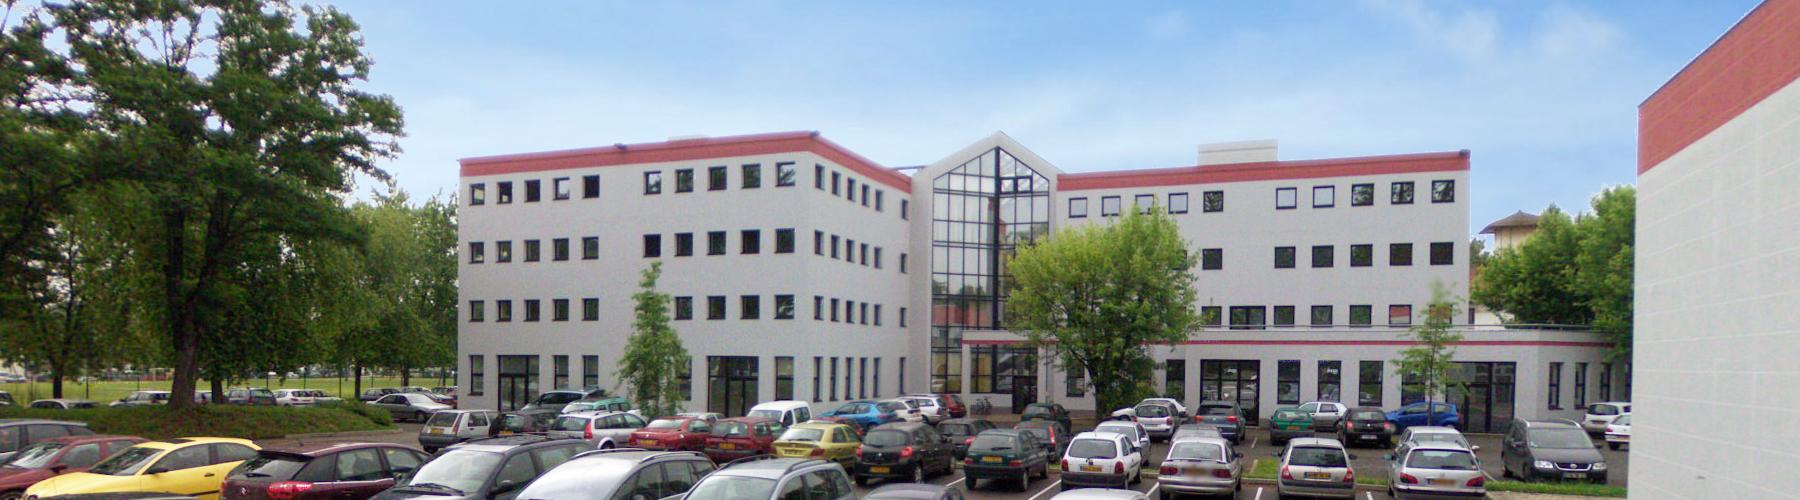 Locaux Optifluides Villeurbanne, bureau d'études mécanique des fluides